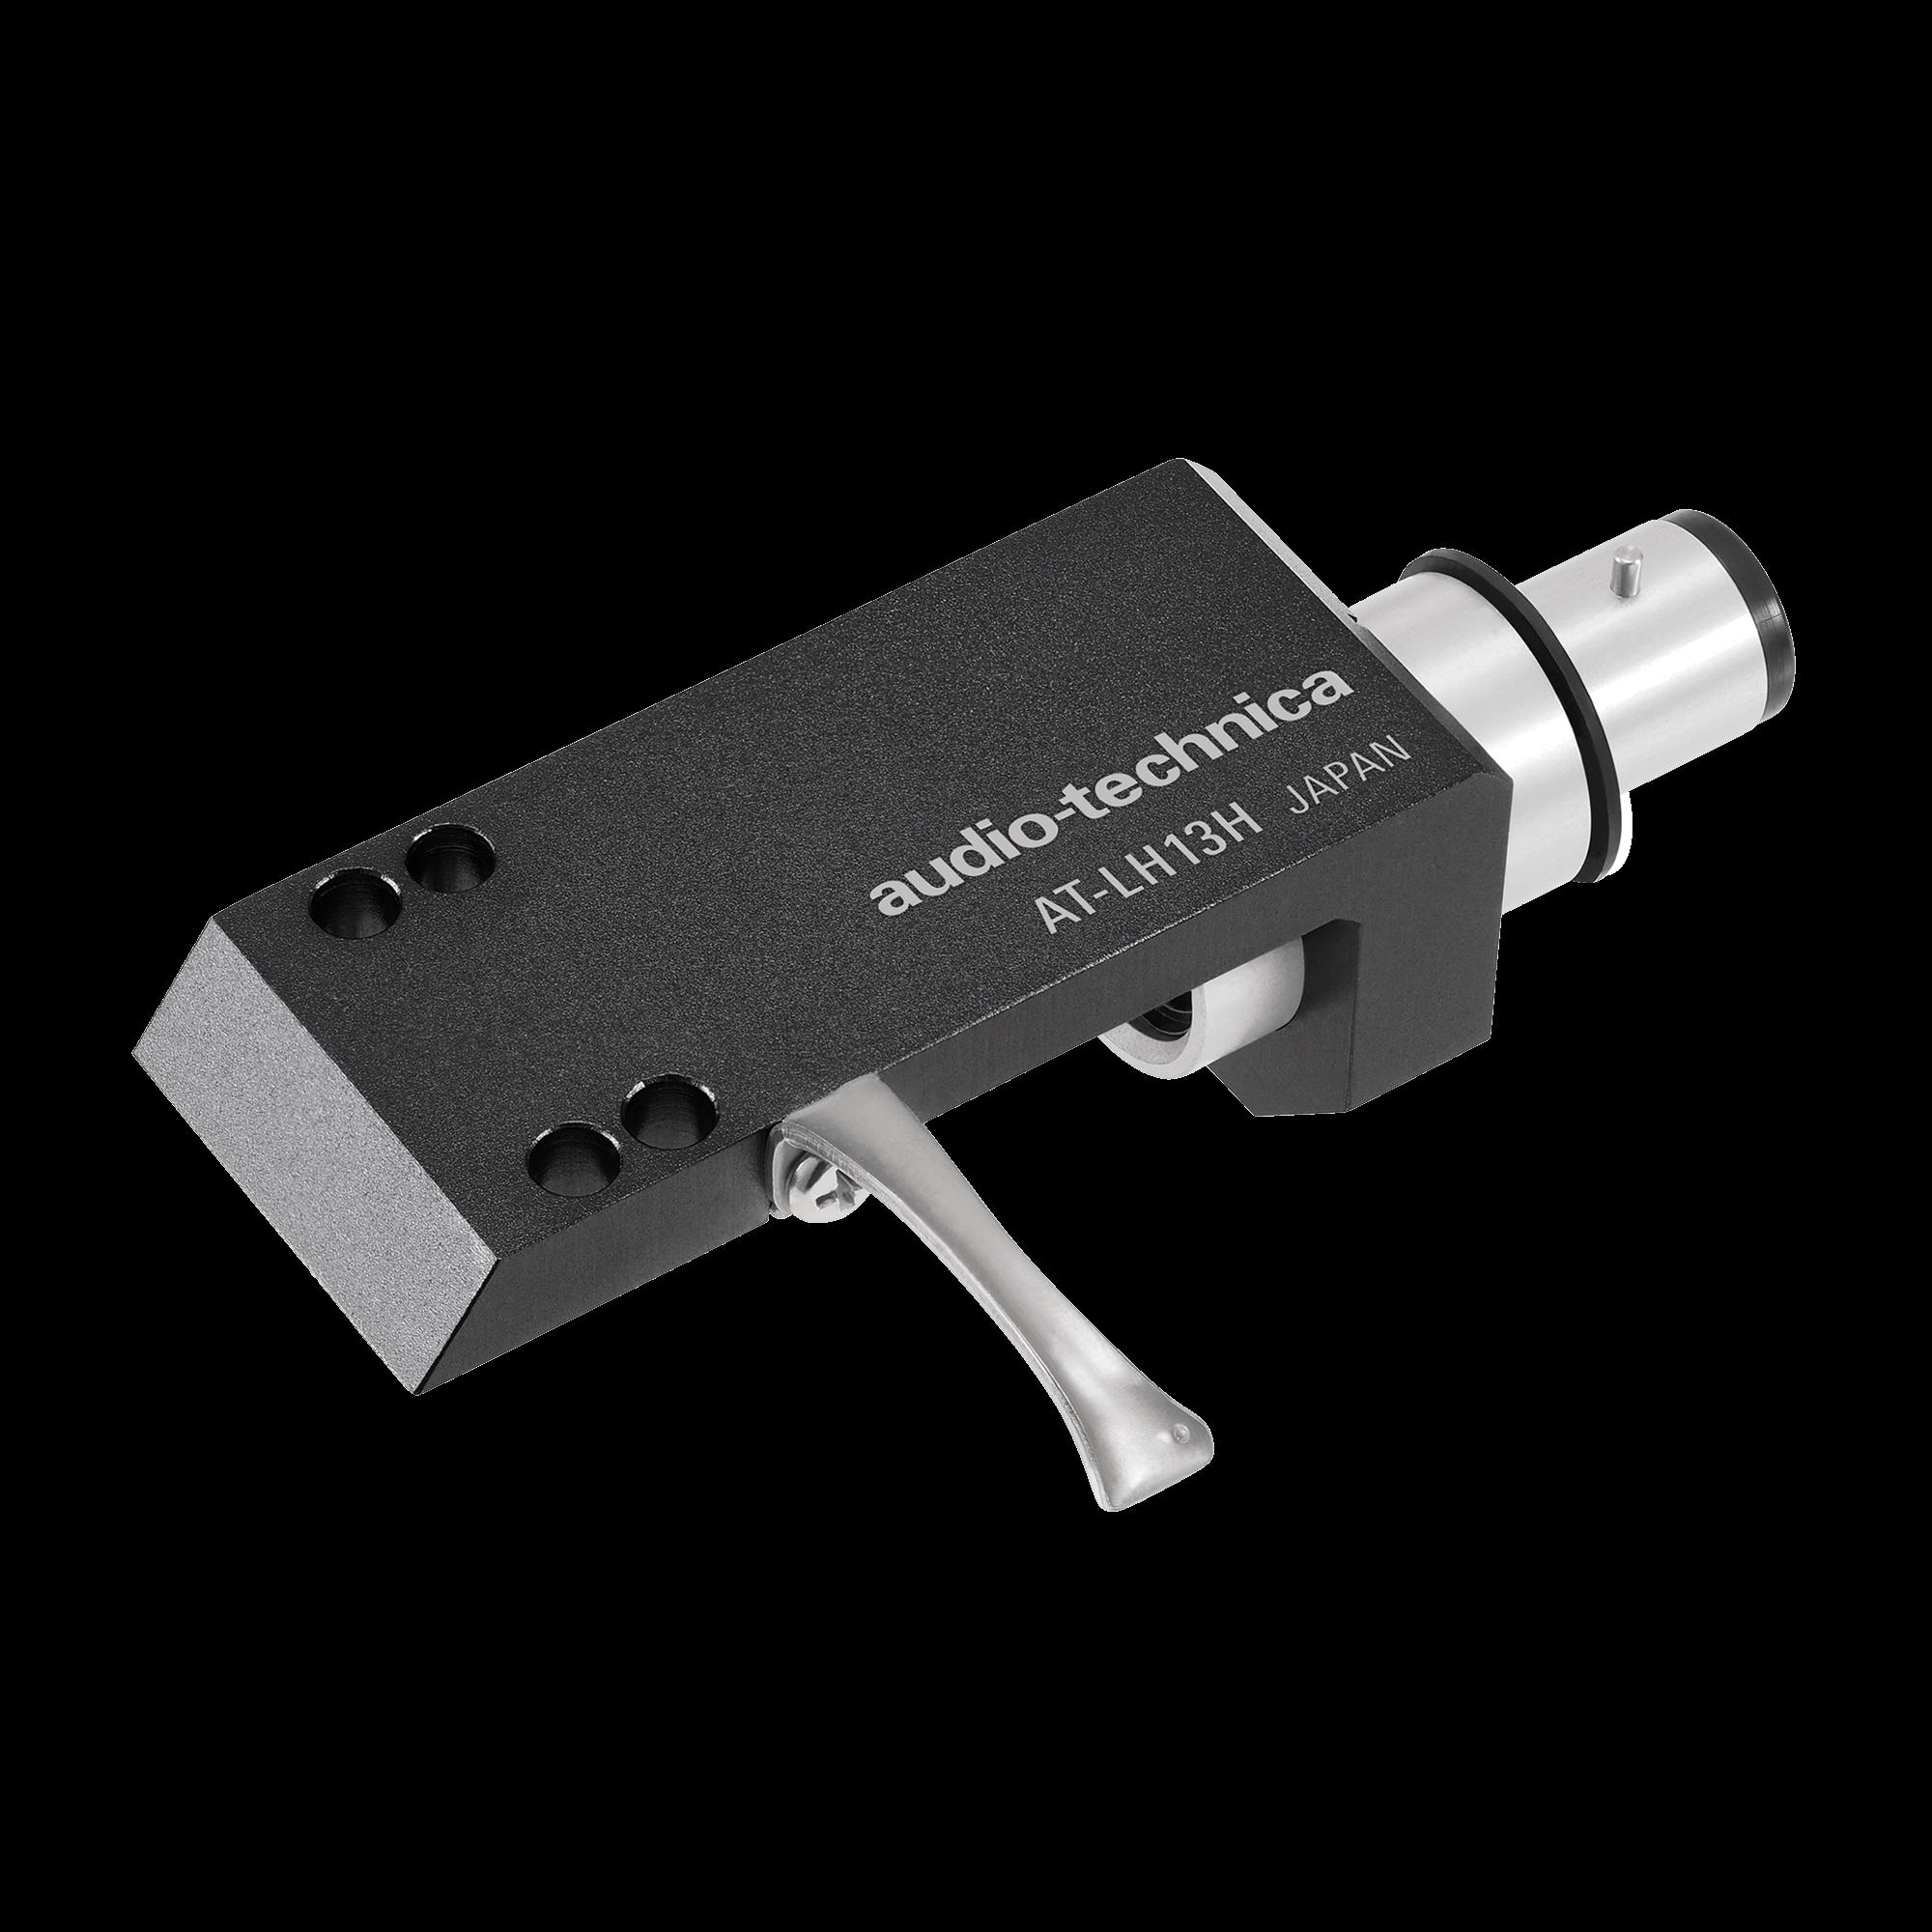 Носач за доза масивен с настройка на азимута Audio-technica AT-LH за извито рамо